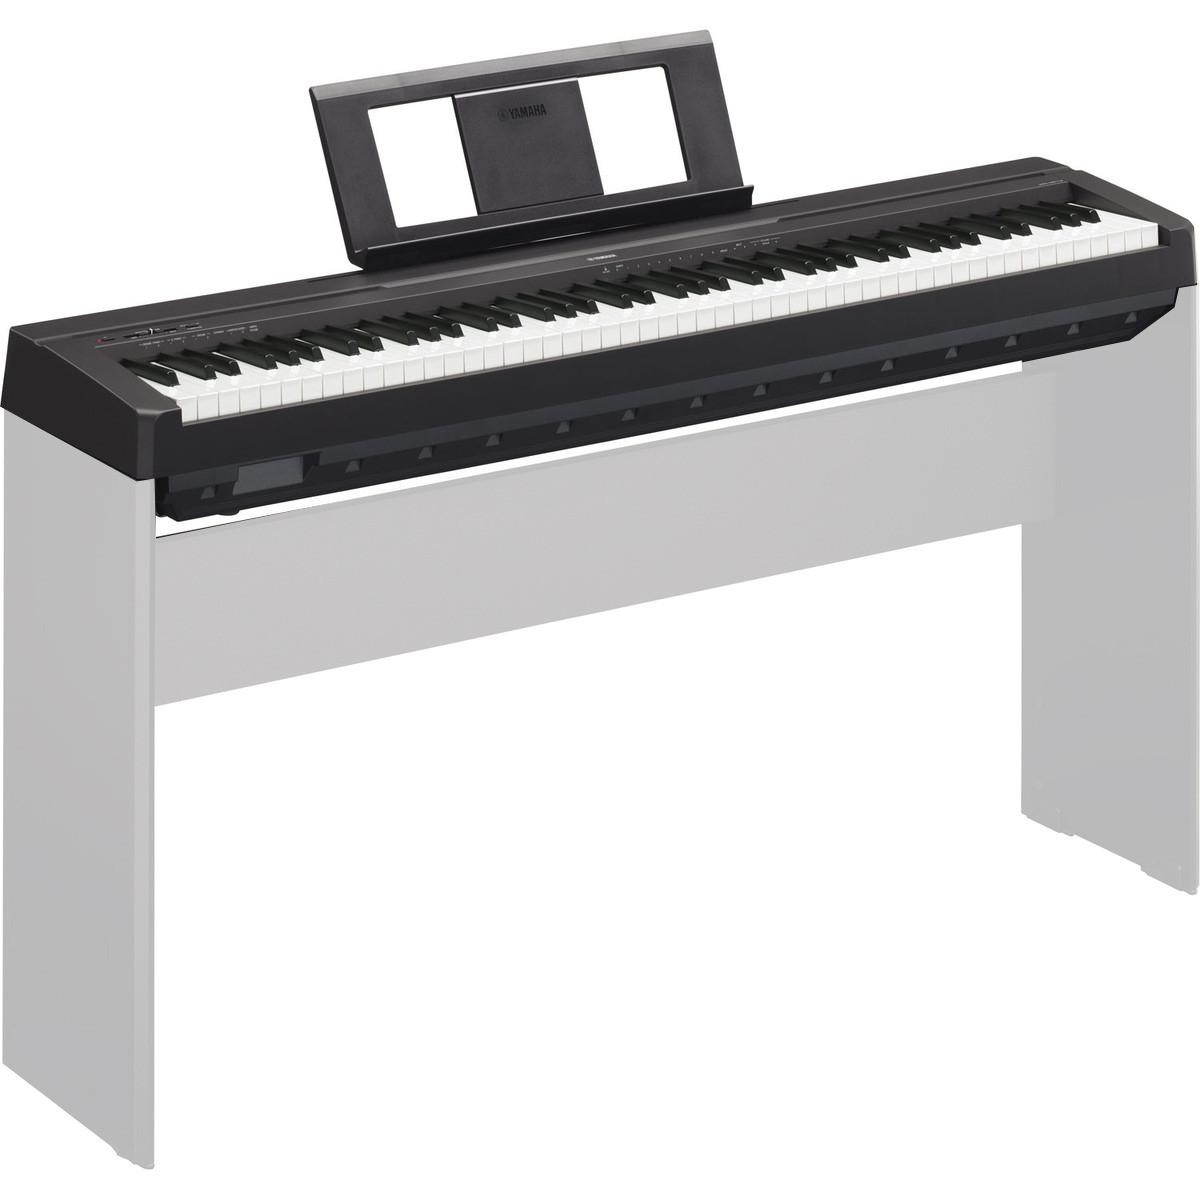 yamaha p45 piano num rique noir gear4music. Black Bedroom Furniture Sets. Home Design Ideas